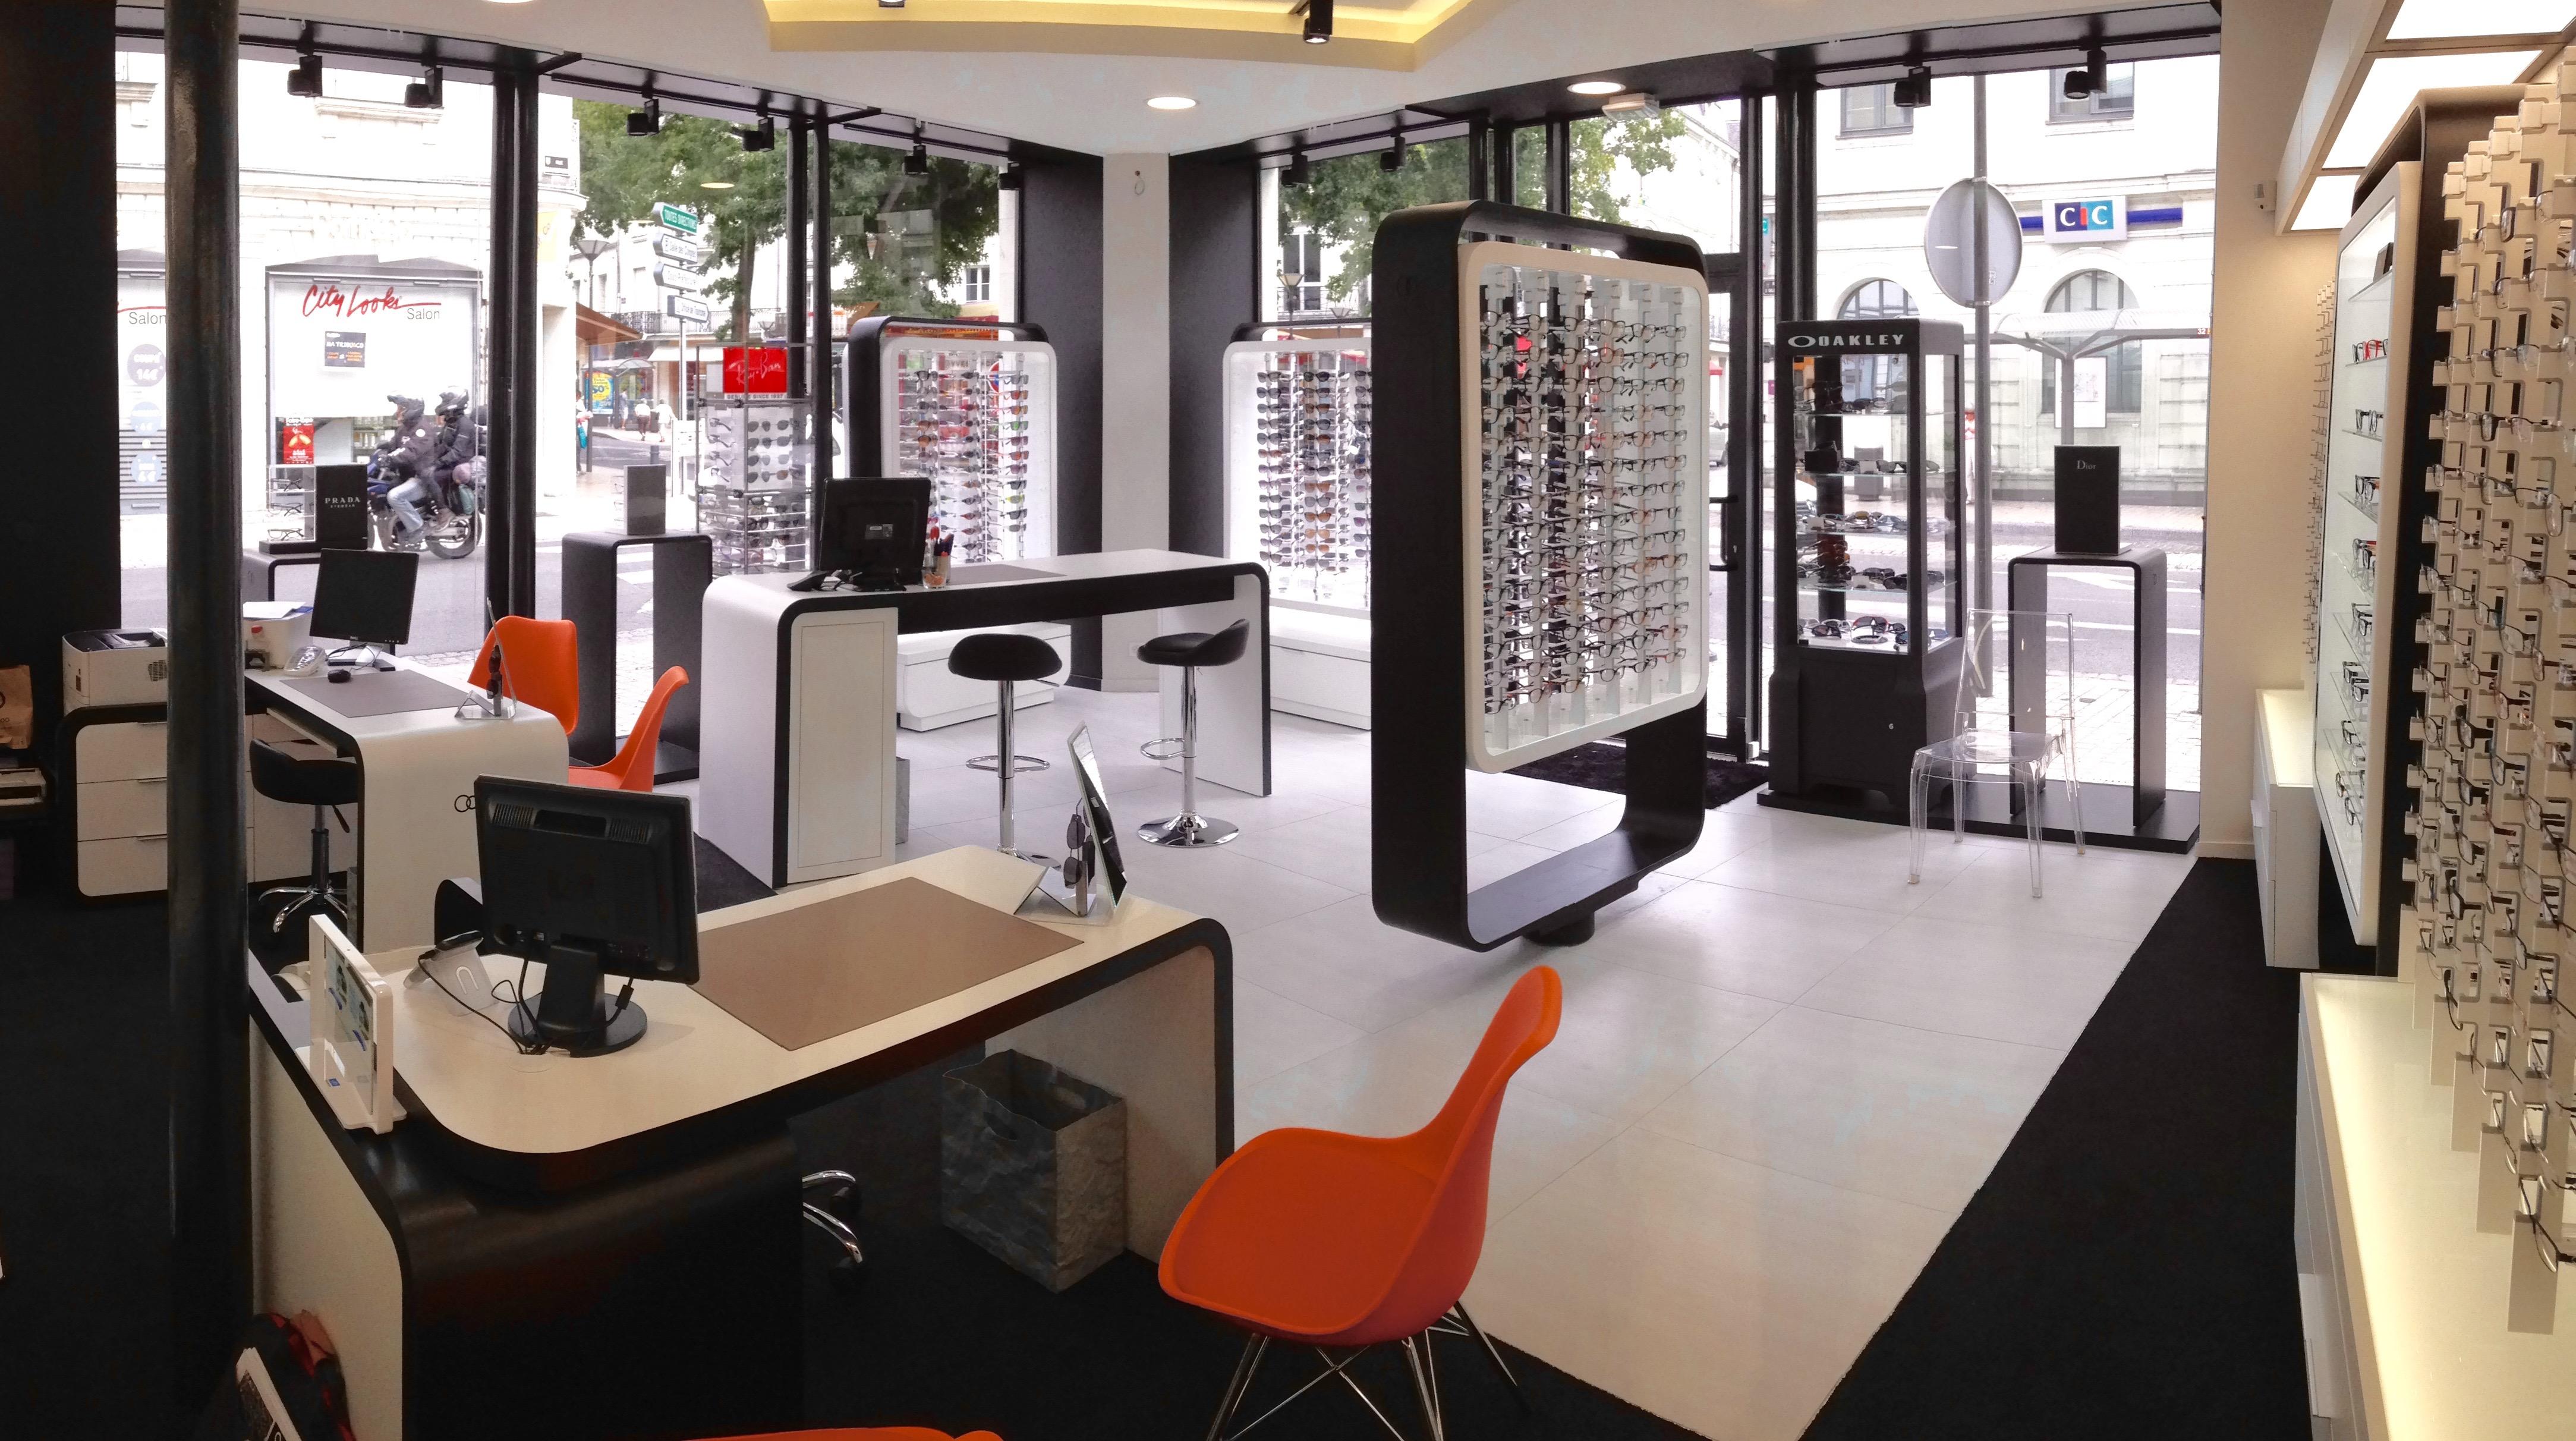 opticien saumur 49400 lunettes femme lunettes homme optic 2000. Black Bedroom Furniture Sets. Home Design Ideas